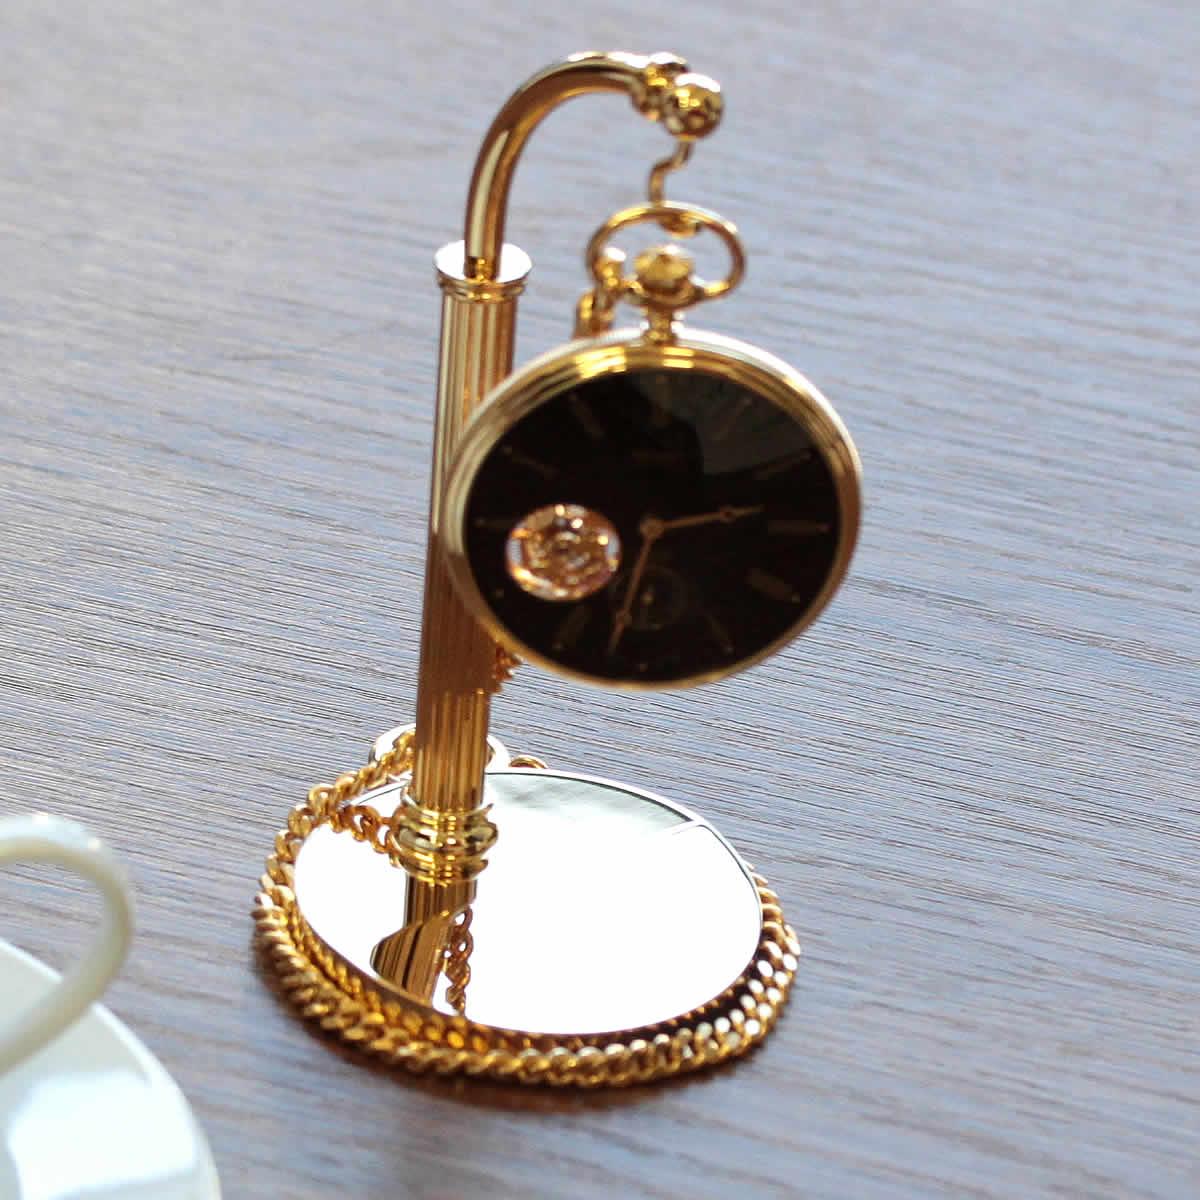 懐中時計とぶら下げて使います。